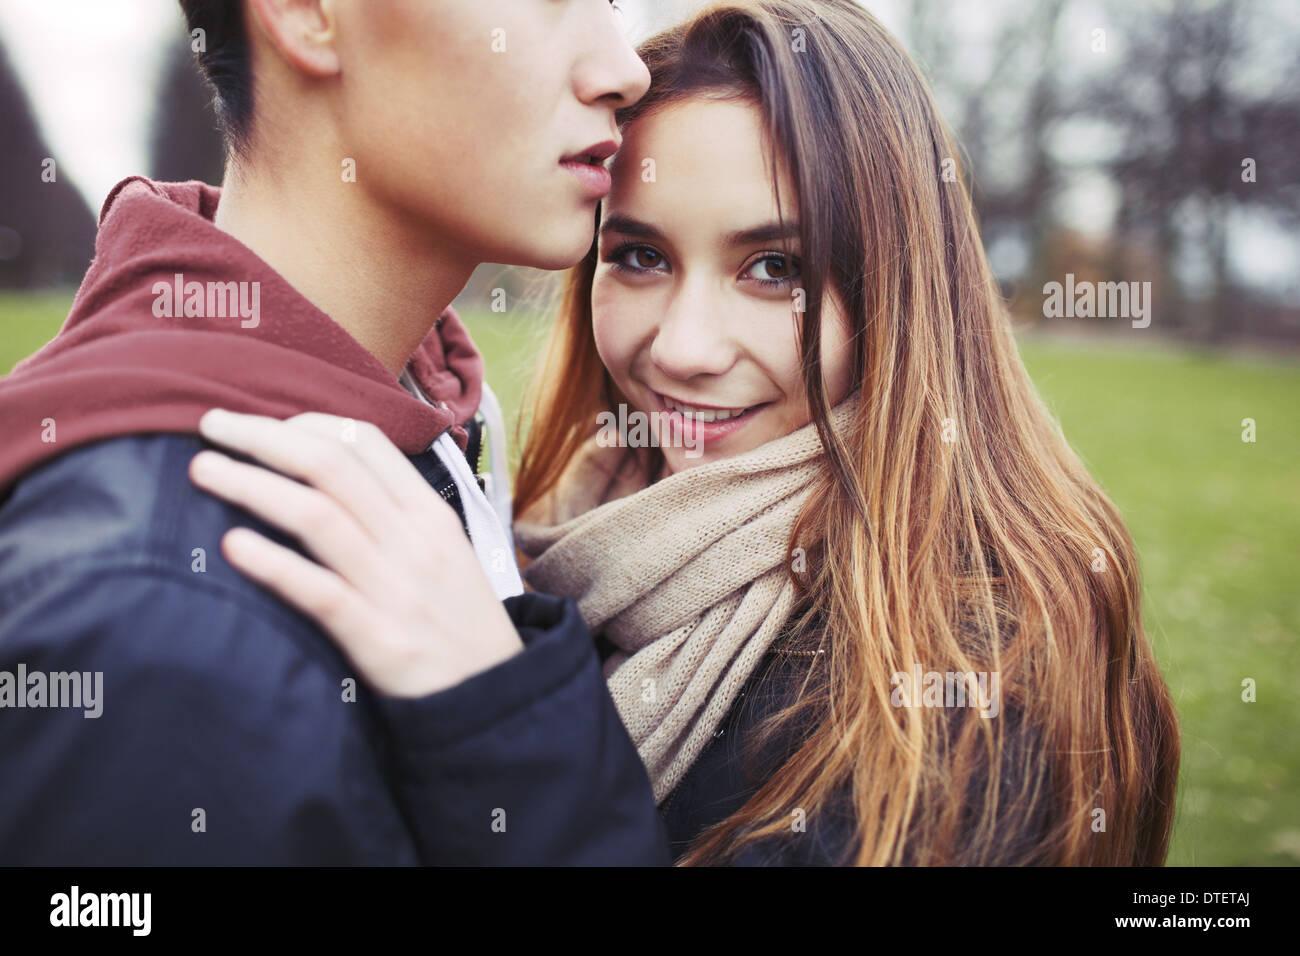 Hermosa chica adolescente con su novio en el parque. Pareja joven de raza mixta en el amor al aire libre. Imagen De Stock